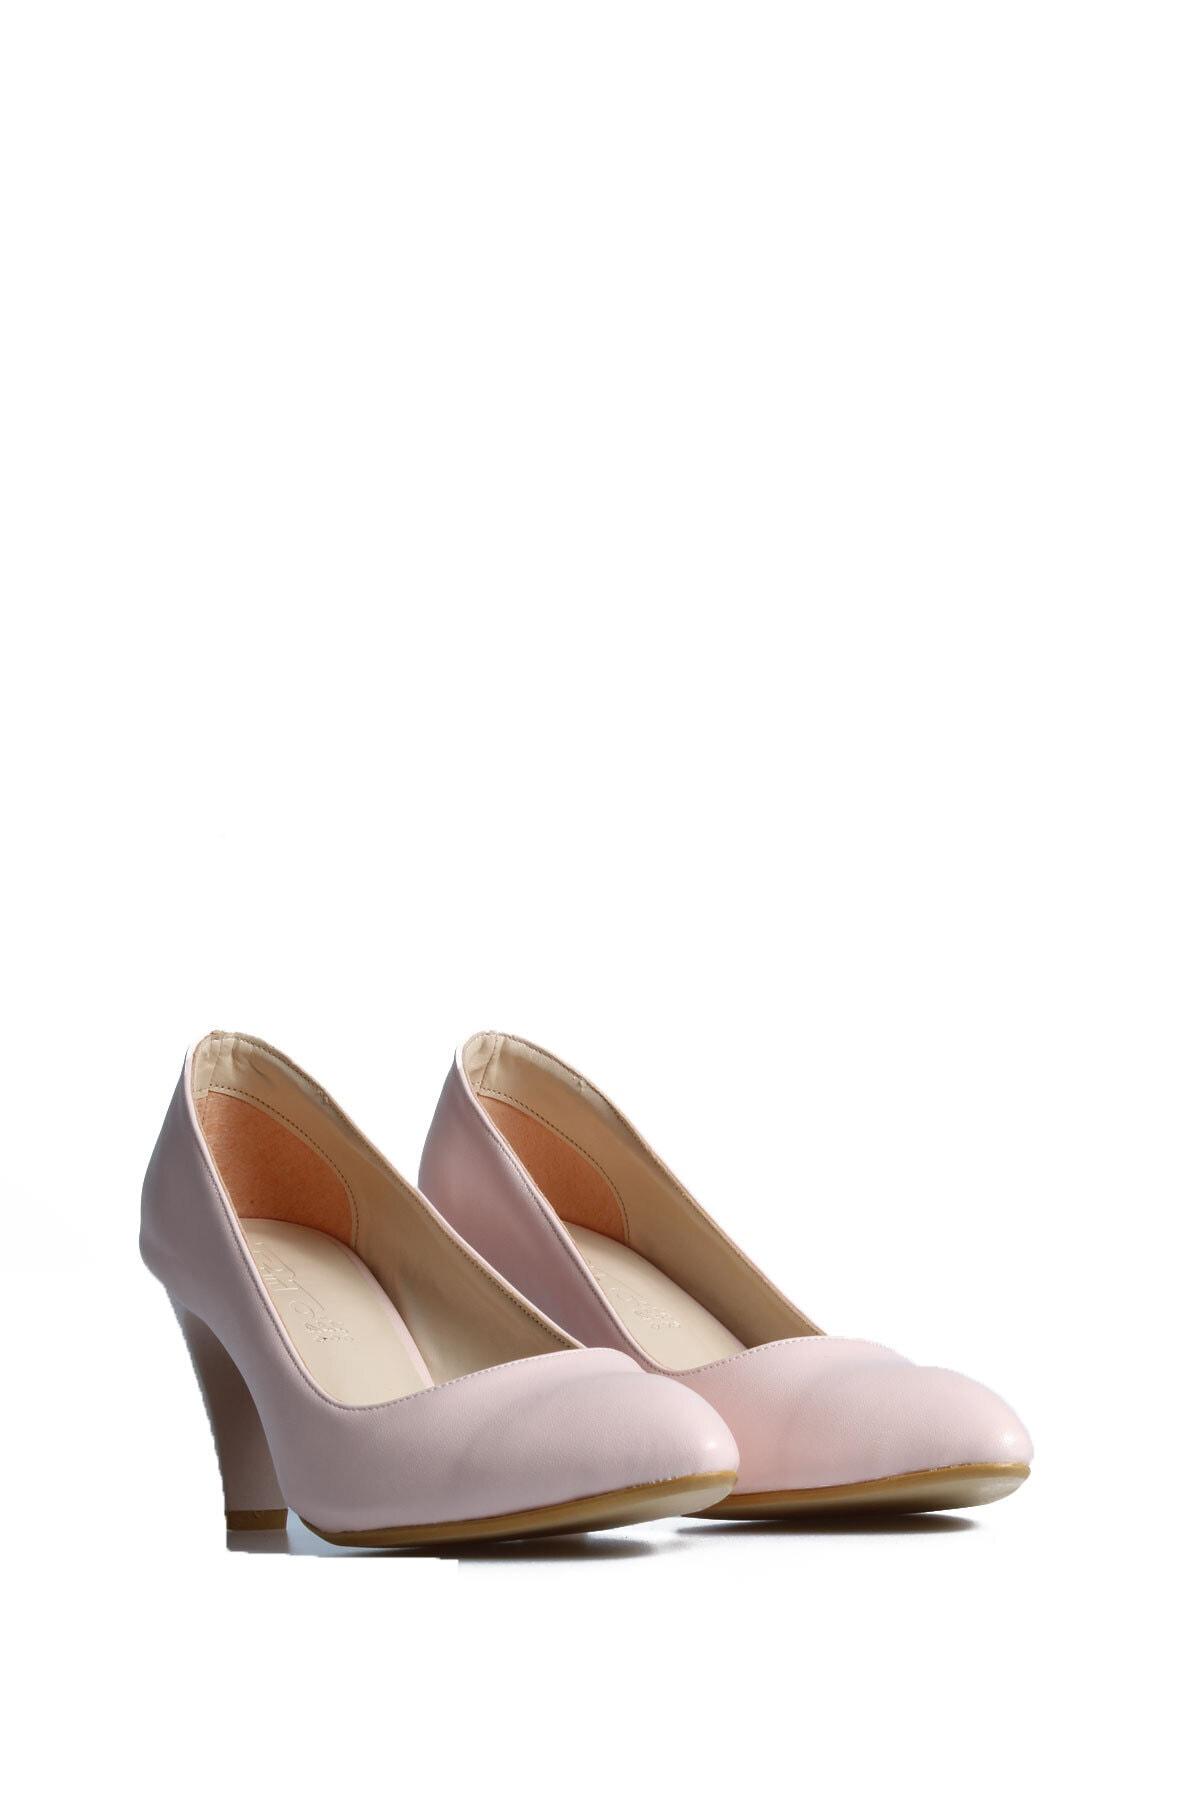 PUNTO Kadın Pudra Günlük Topuklu Ayakkabı 553009 1